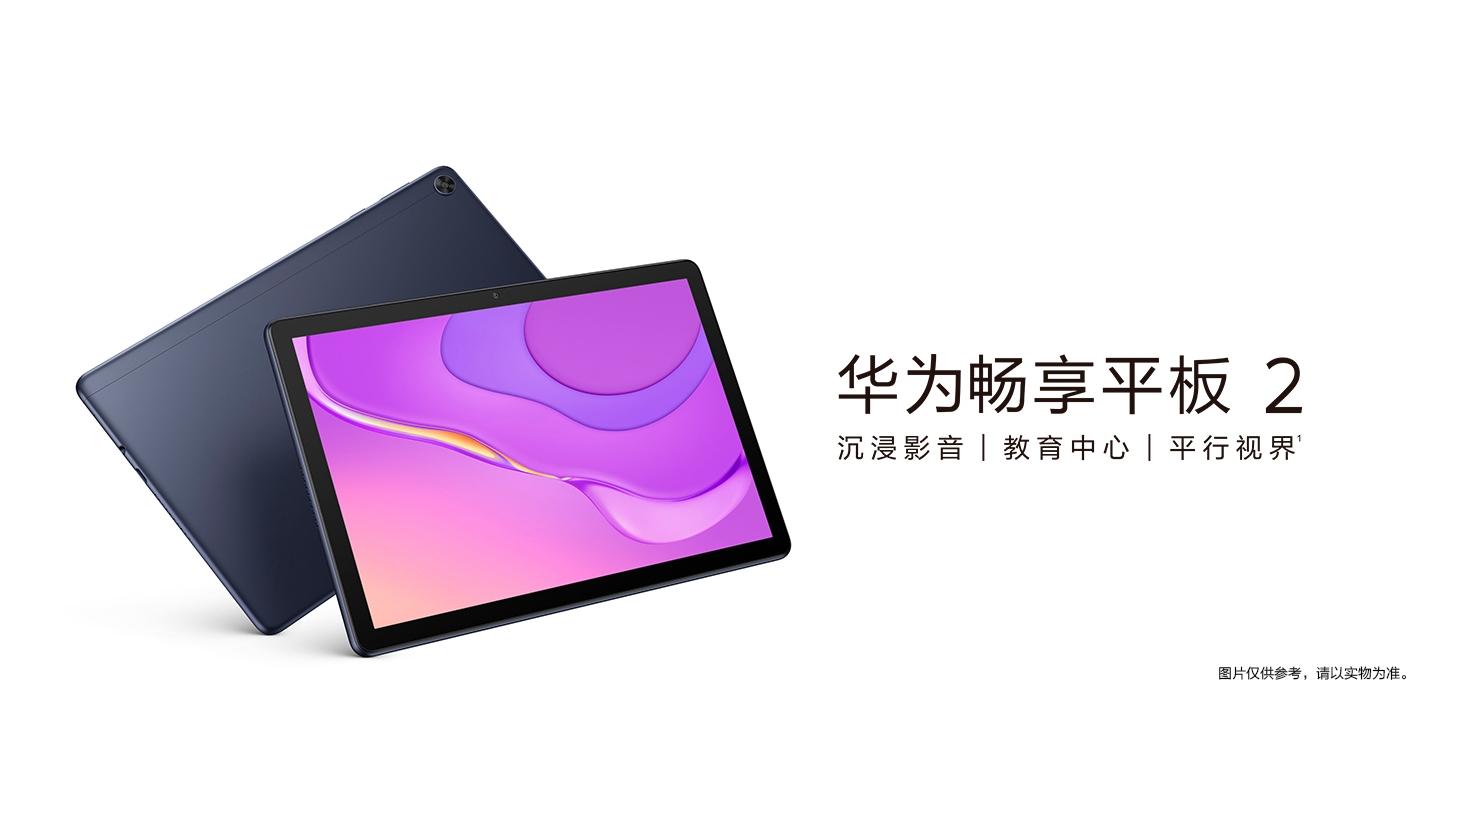 华为畅享平板 2 10.1